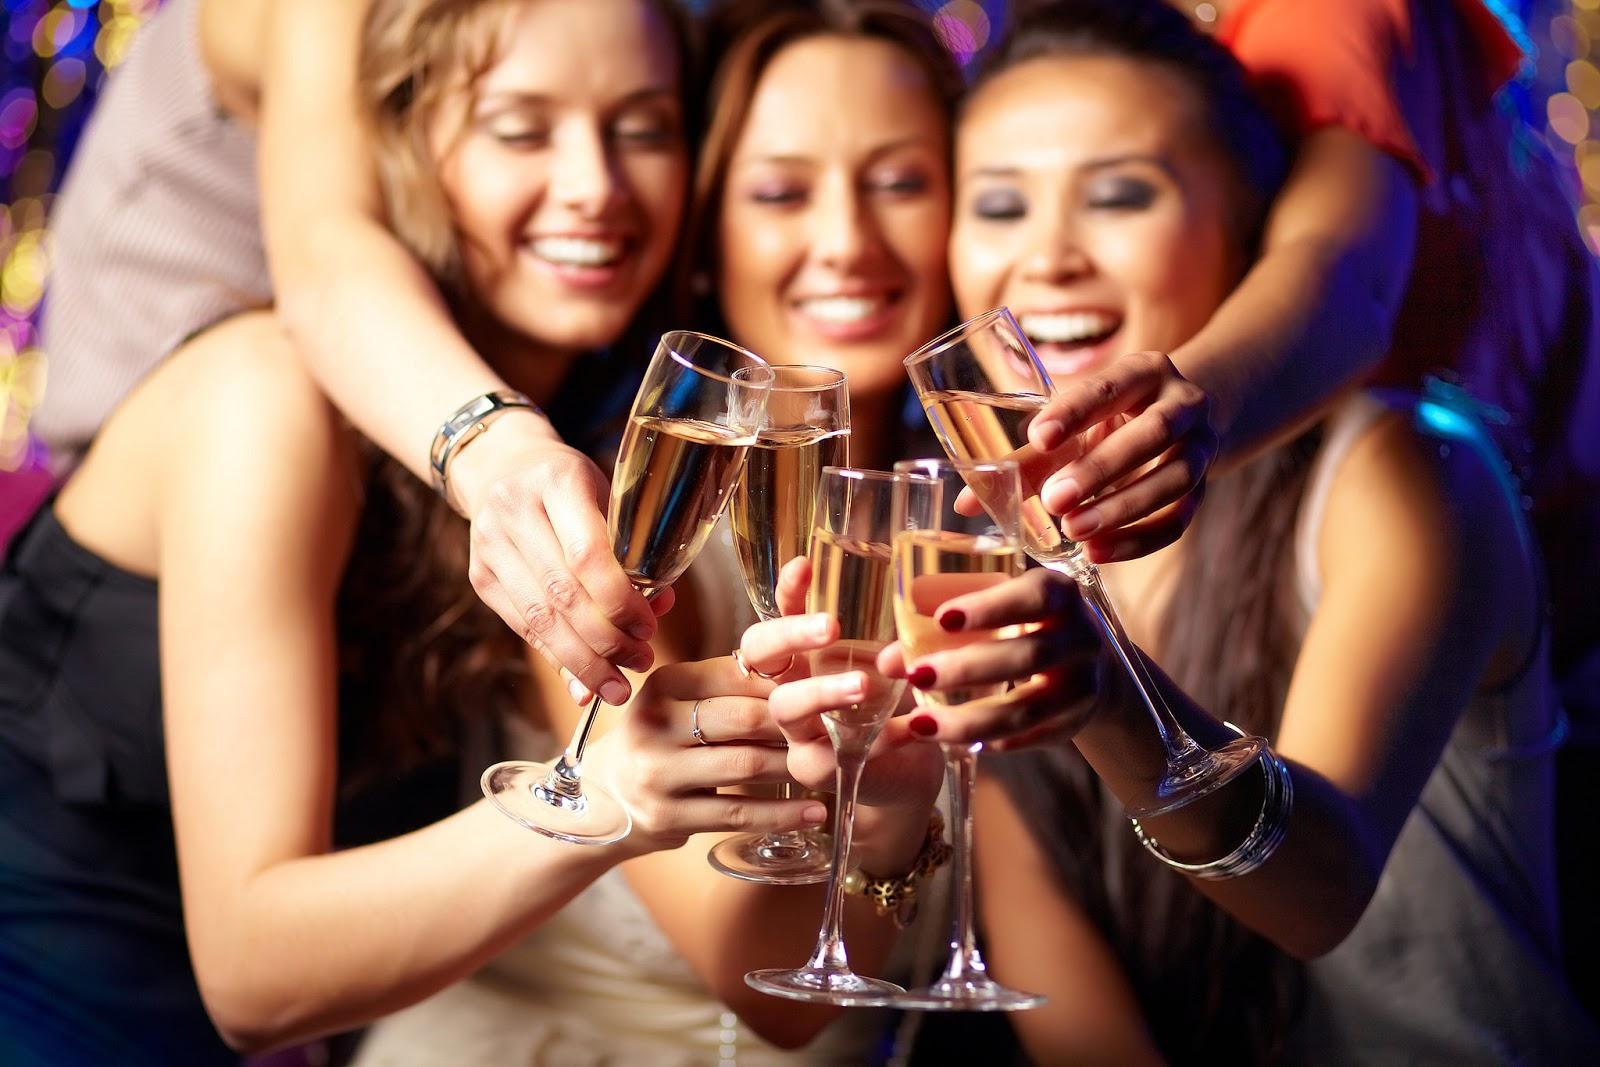 Поздравления с юбилеем женщине: оригинальные, красивые, душевные